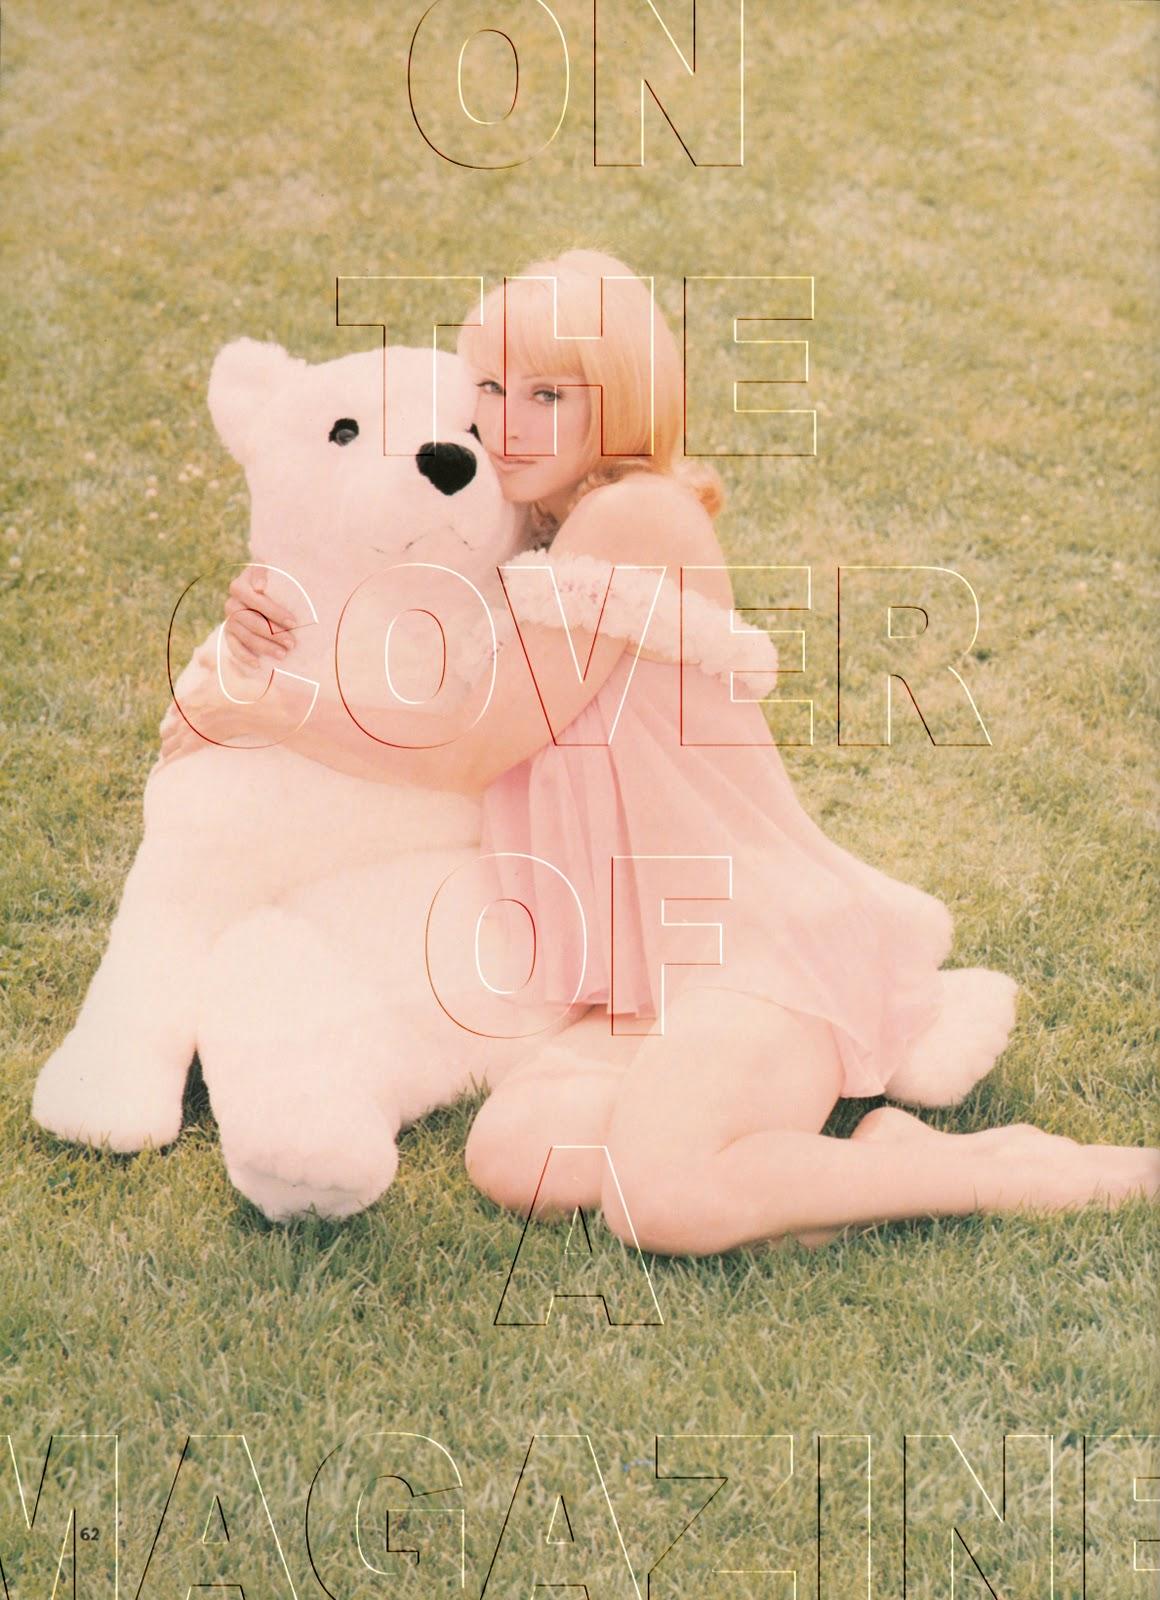 http://2.bp.blogspot.com/_eA7ZafYKvfU/TQWCDGIrbHI/AAAAAAAAEZY/wpRQmuQYvd8/s1600/Glamour+Italia+November+1992+page+62+copy.jpg